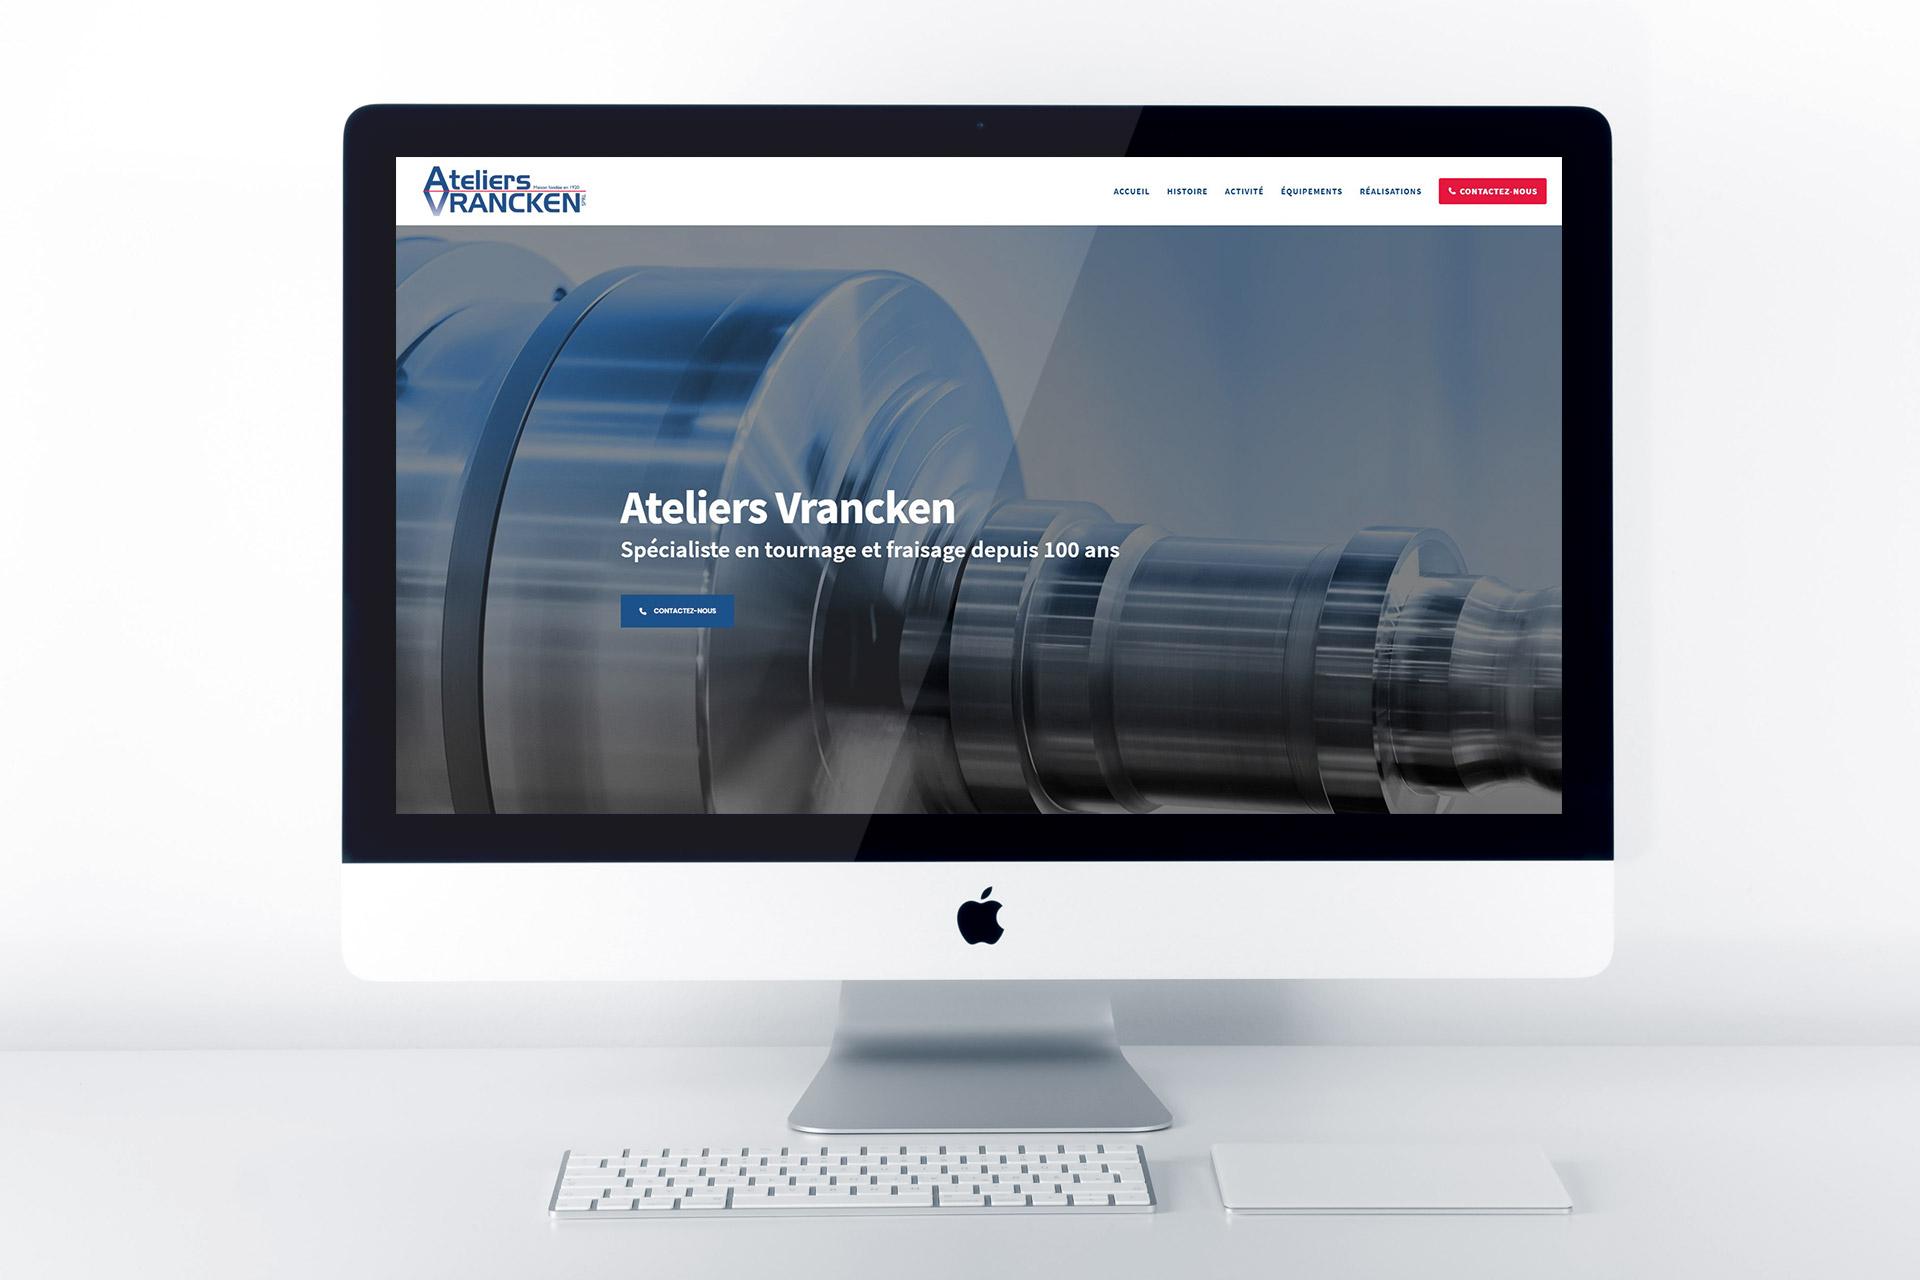 Ateliers Vrancken website